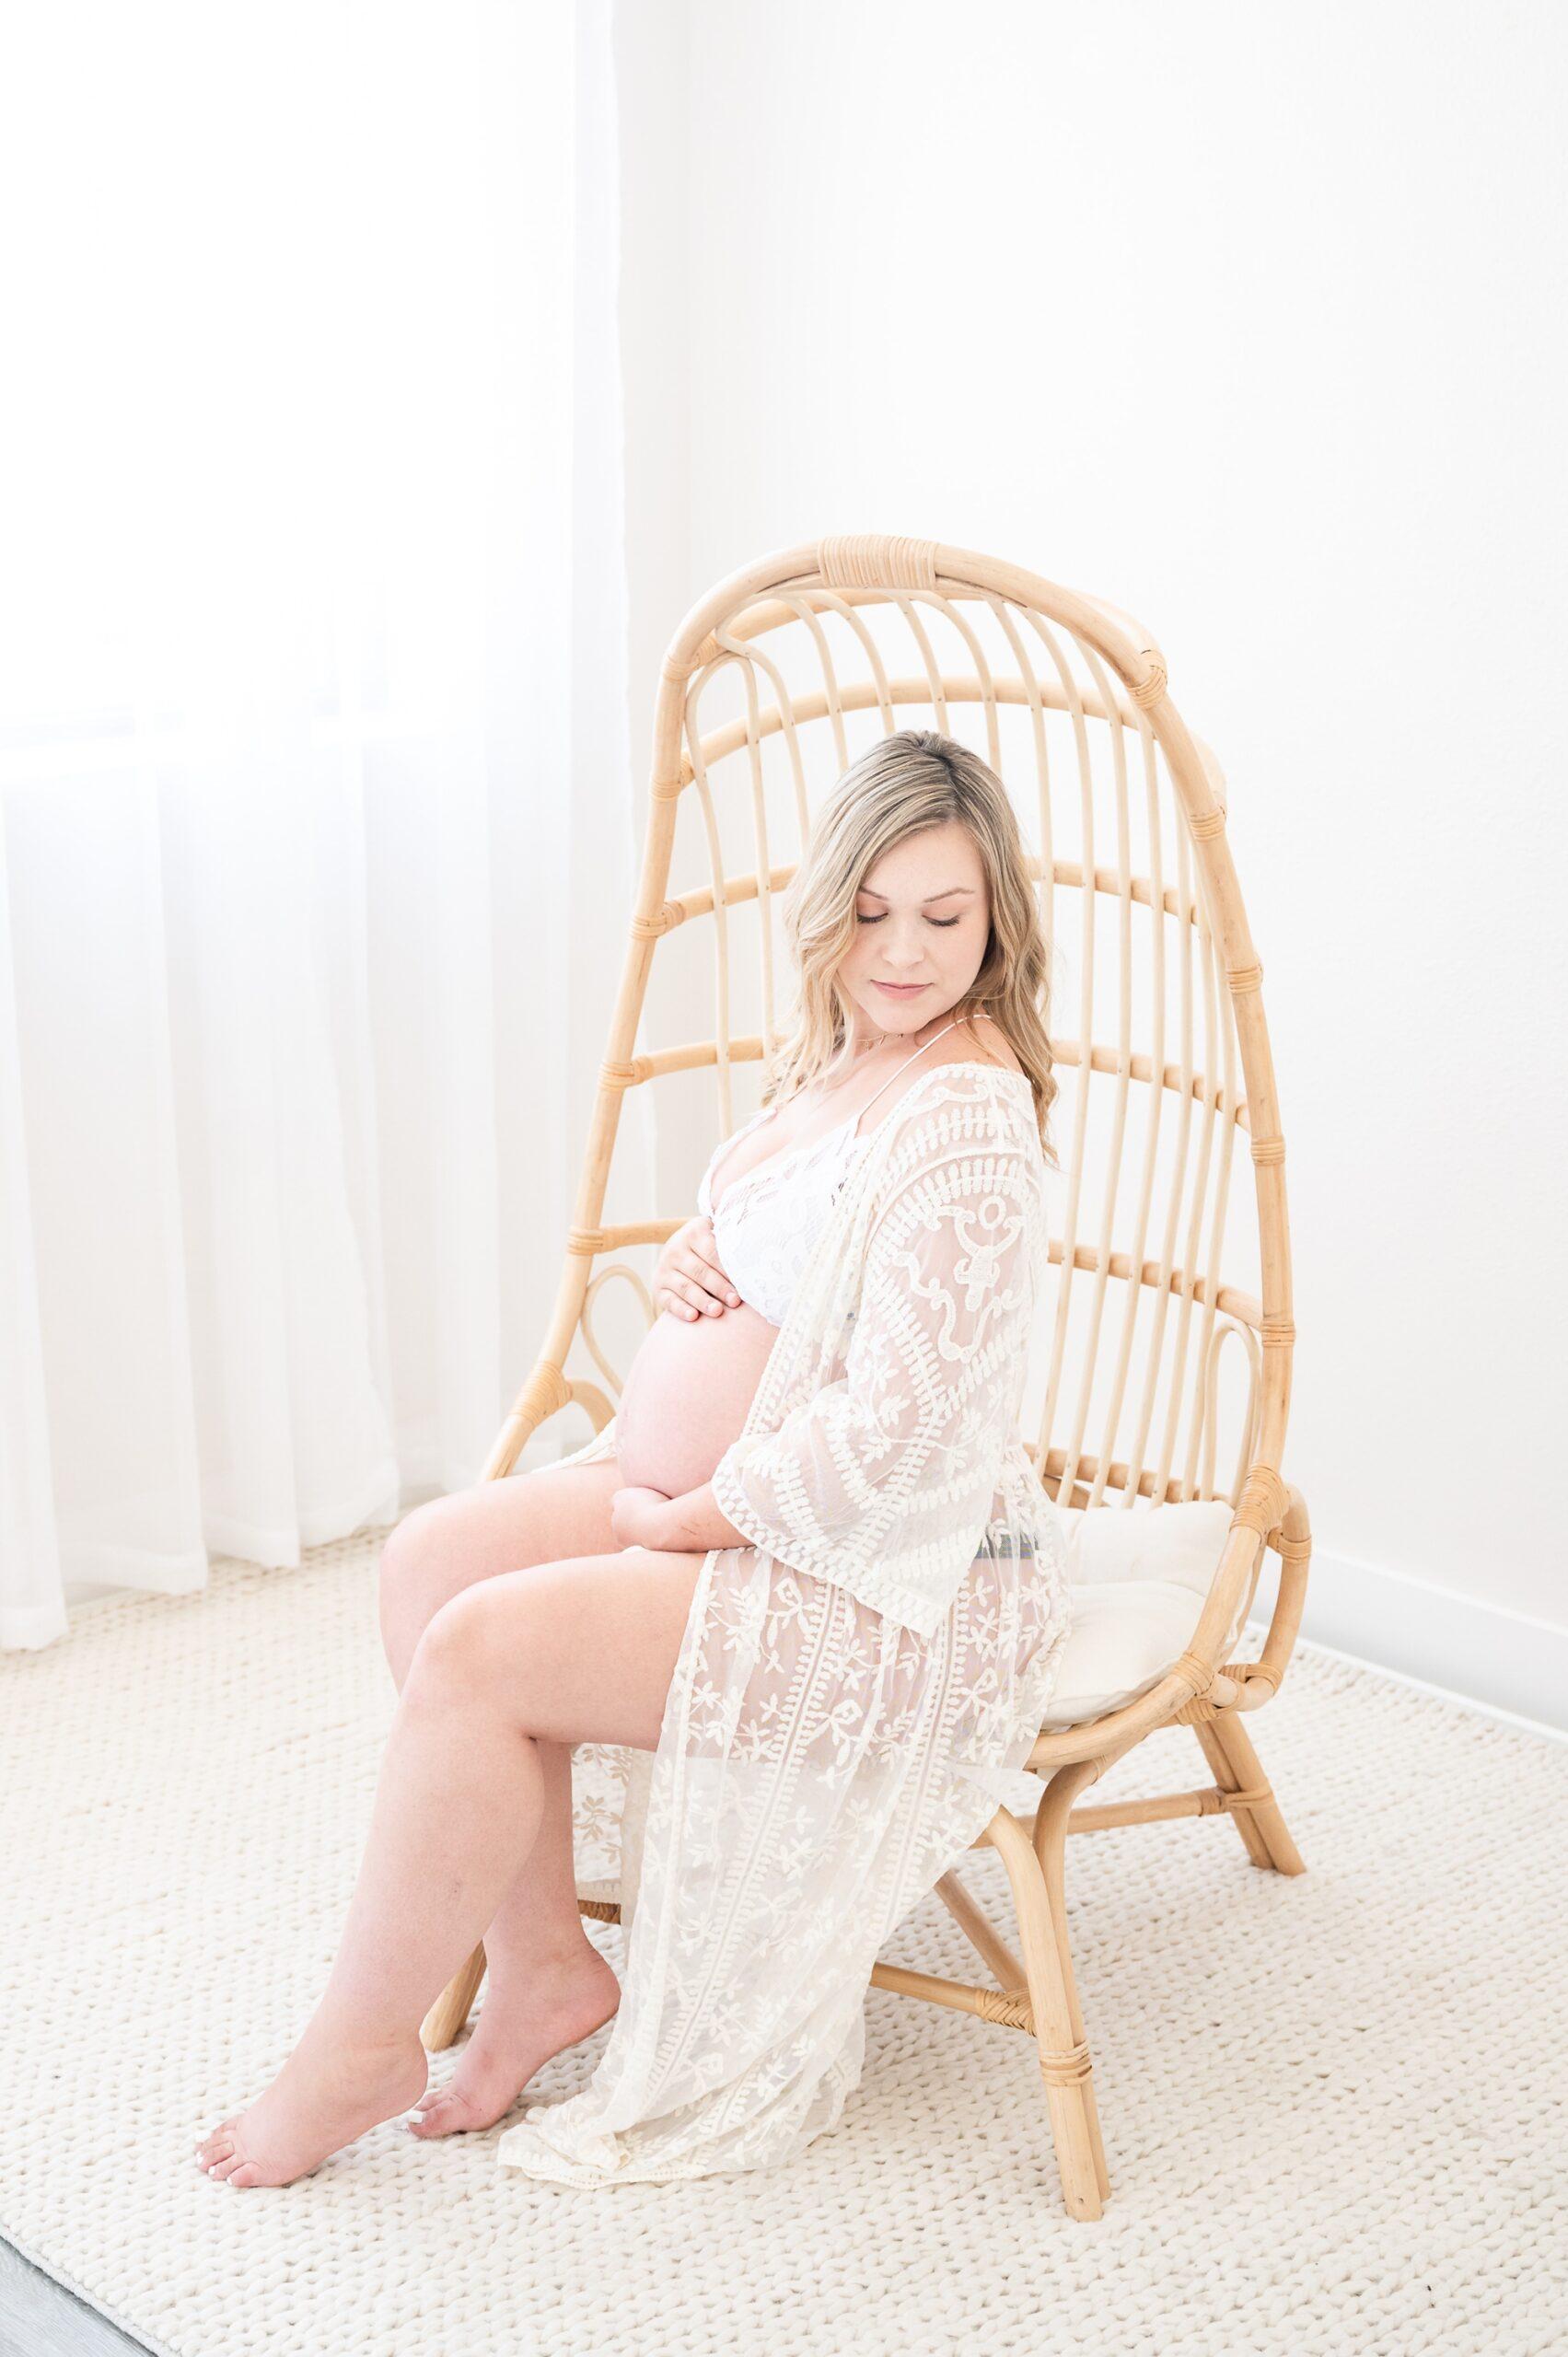 Photo by Aimee Hamilton Photography.